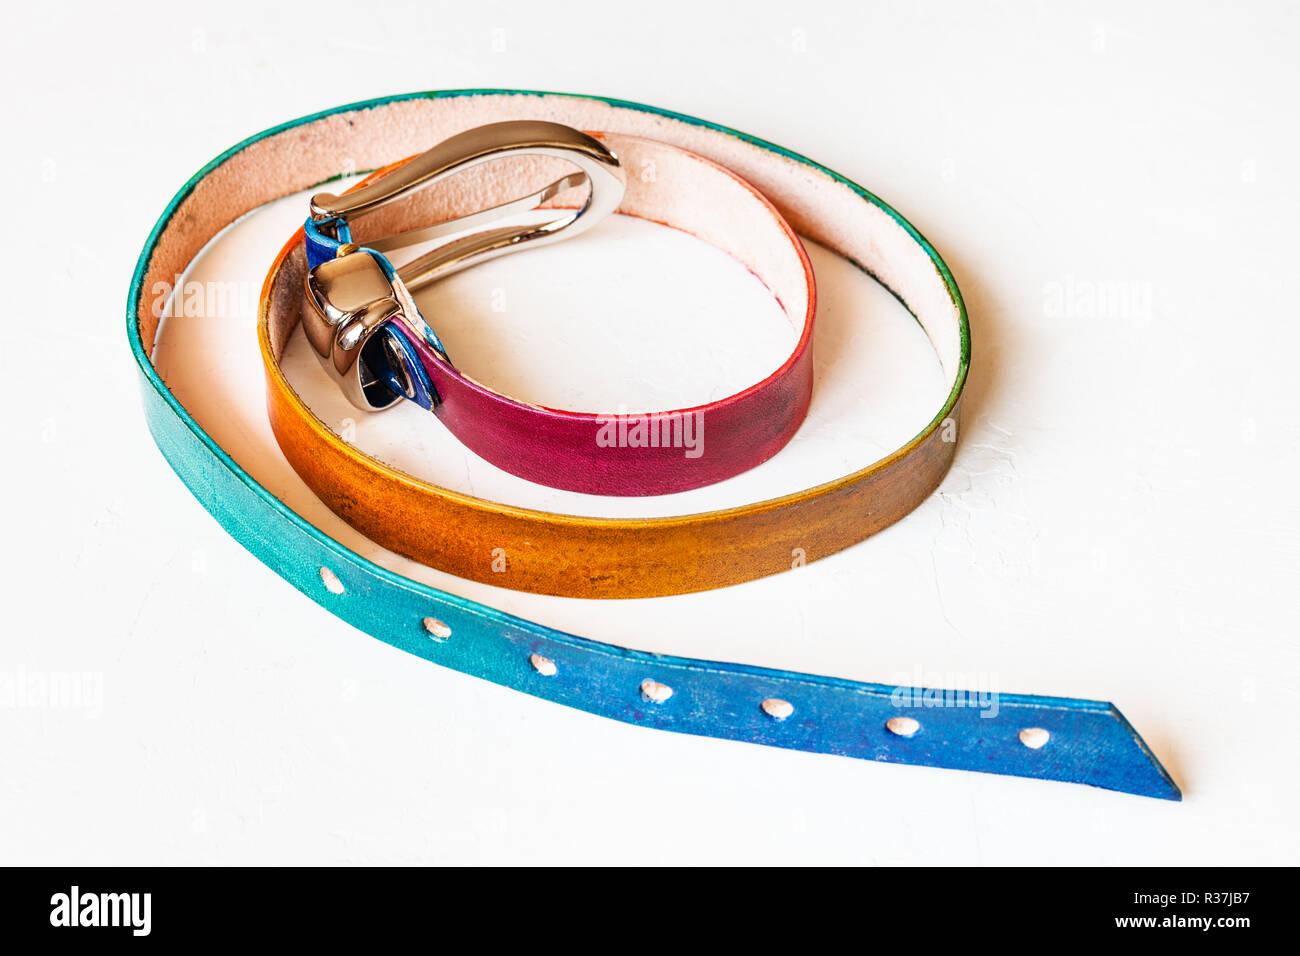 narrow varicoloured leather belt on white background - Stock Image